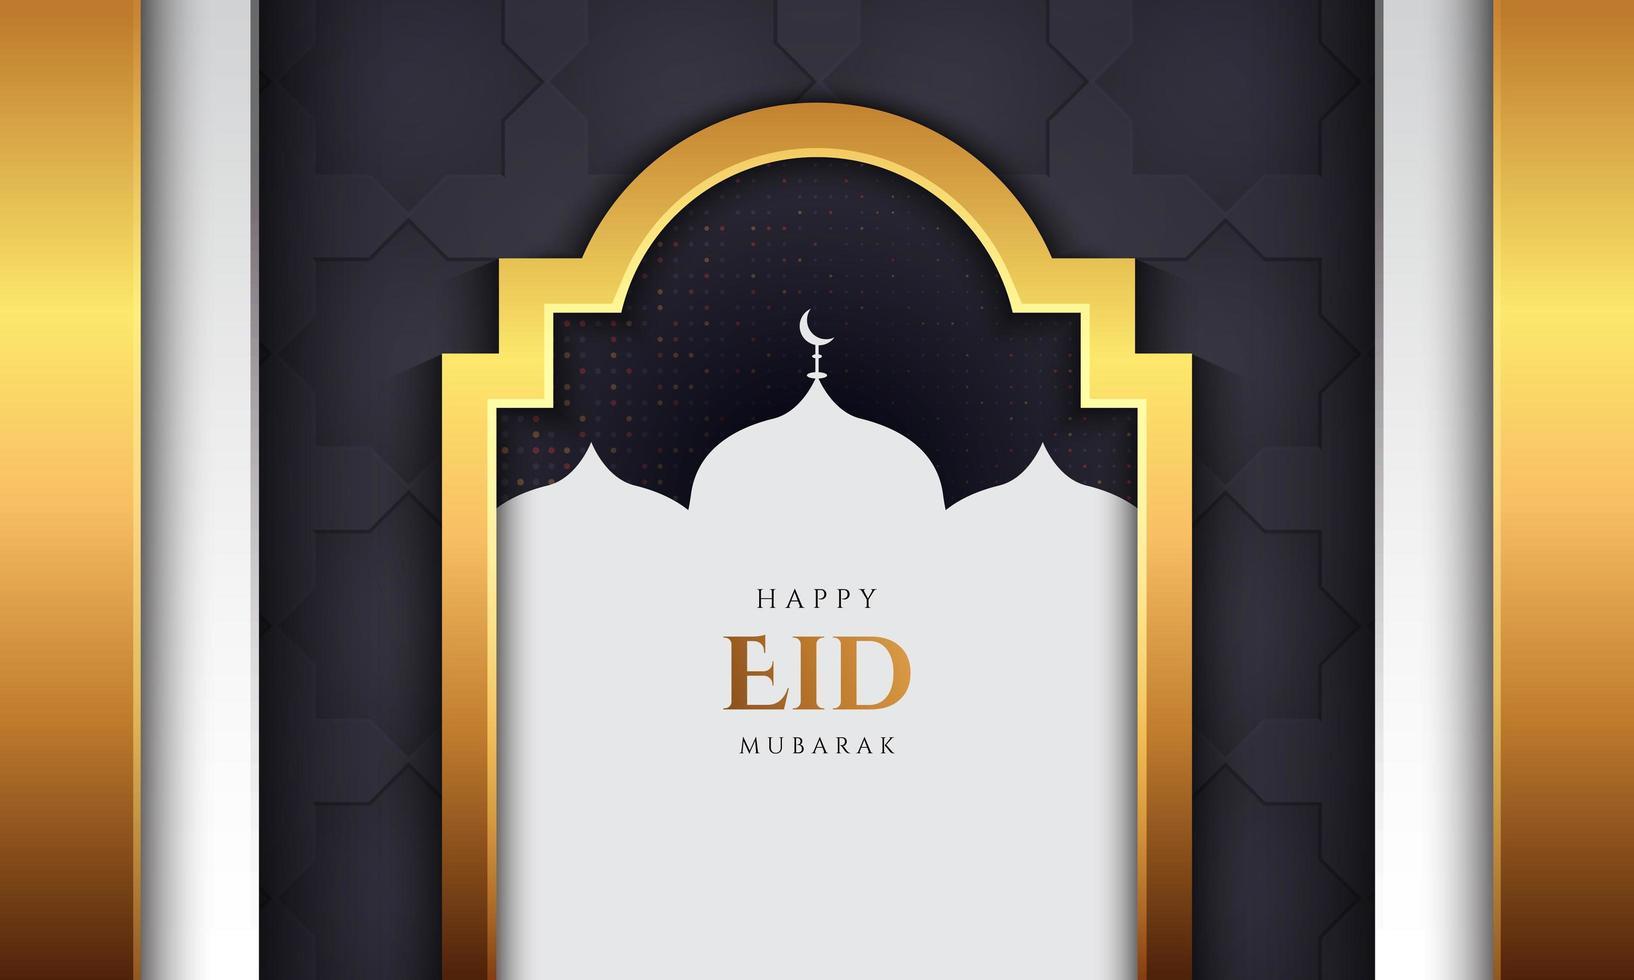 eid mubarak-ontwerp met gouden luxe stijl vector